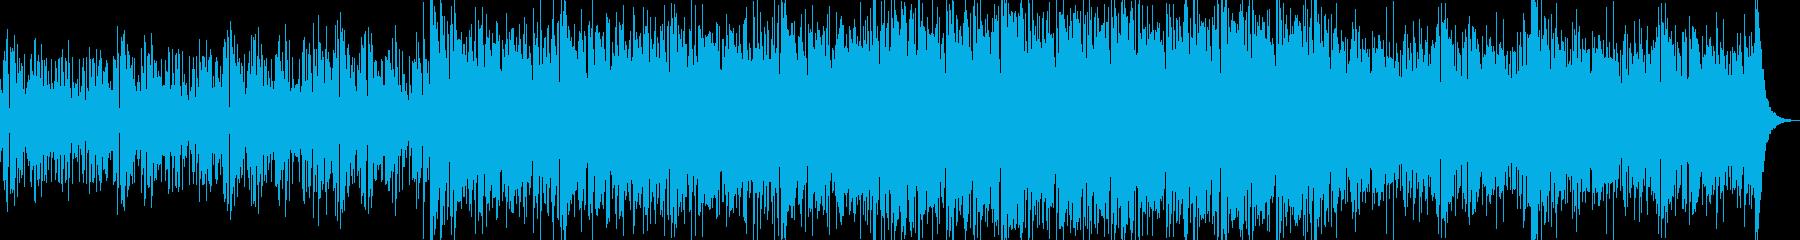 爽やかな雰囲気のハウス(novocal)の再生済みの波形